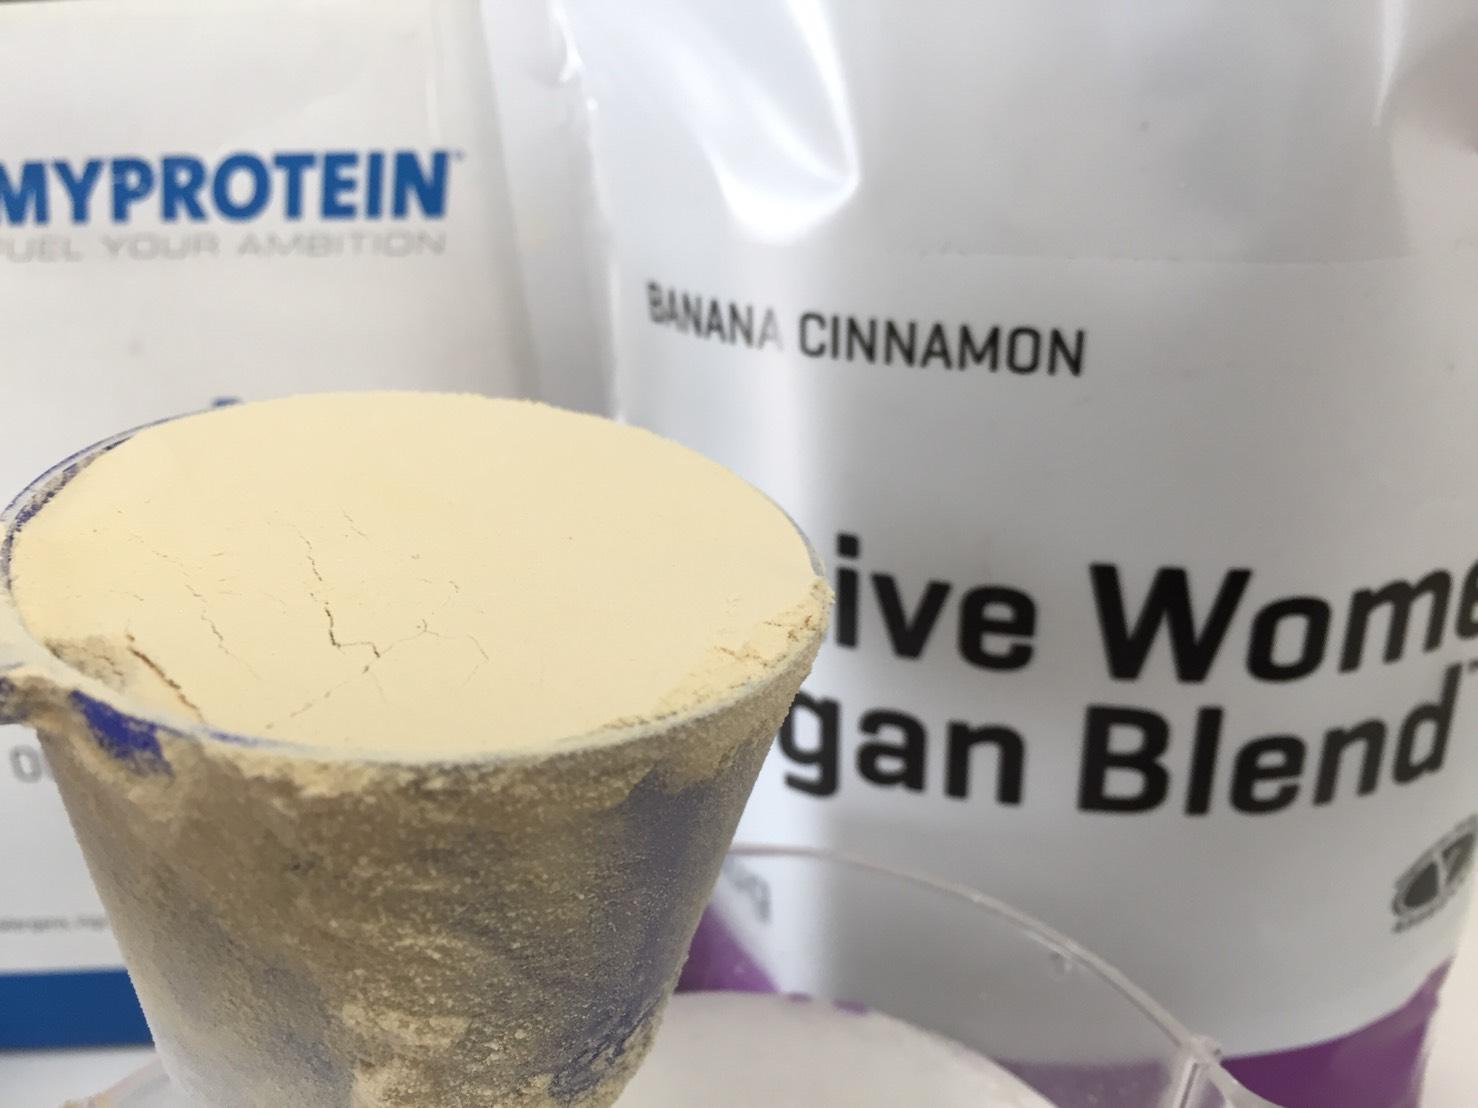 Active Women Vegan Blend(アクティブウーマンビーガンブレンド)「BANANA CINNAMON(バナナシナモン味)」の様子